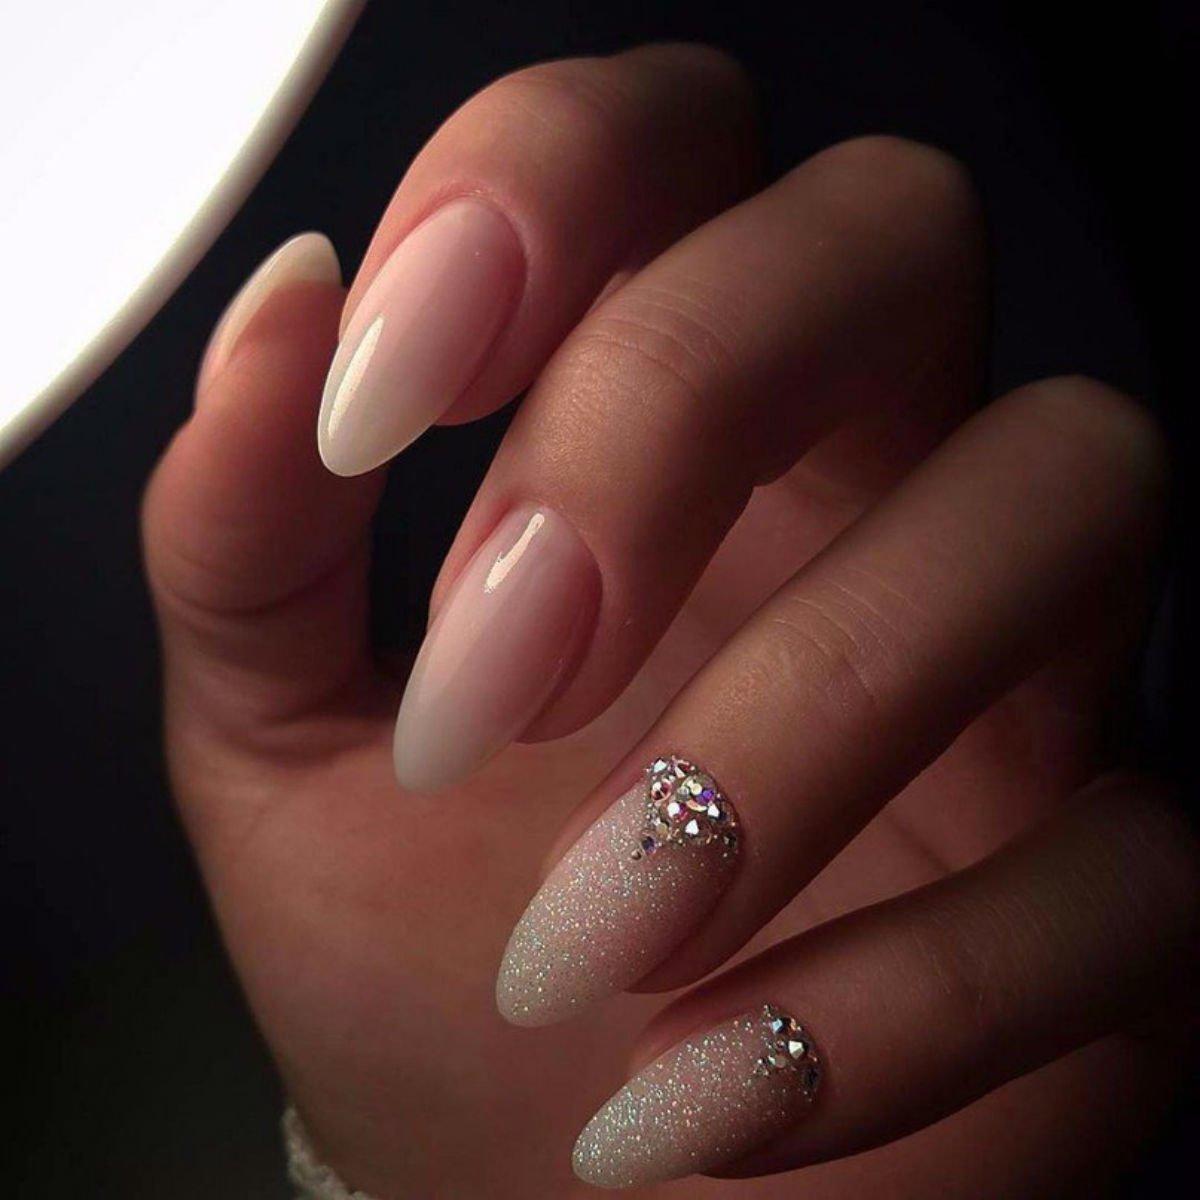 попыталась лунный маникюр на миндалевидных ногтях фото клади под